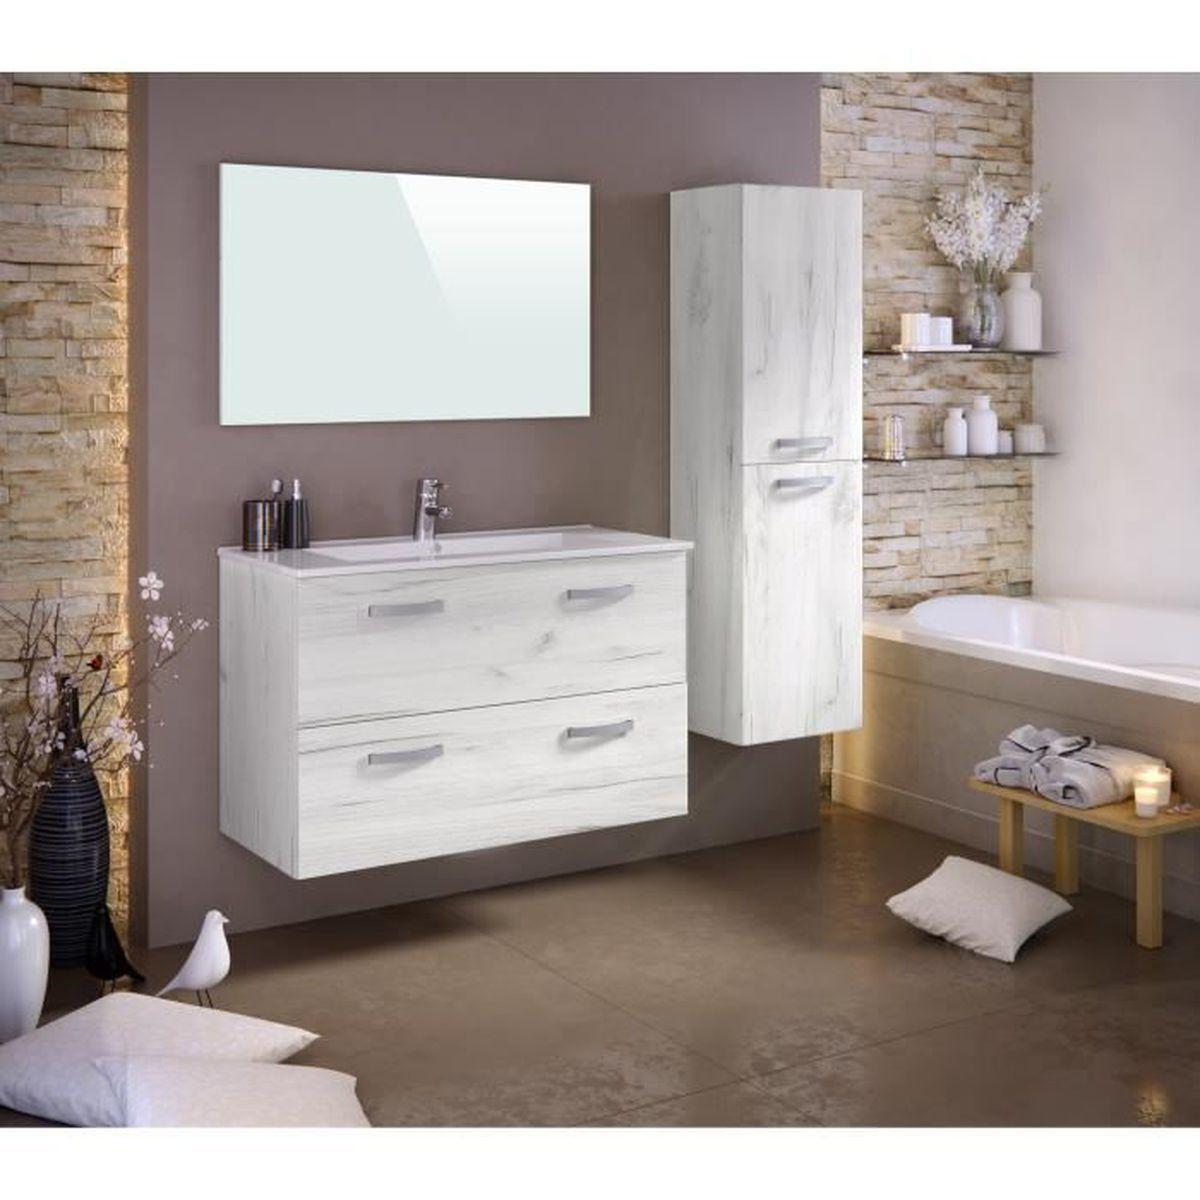 Meuble salle de bain couleur bois avec pied achat for Ou trouver meuble salle de bain